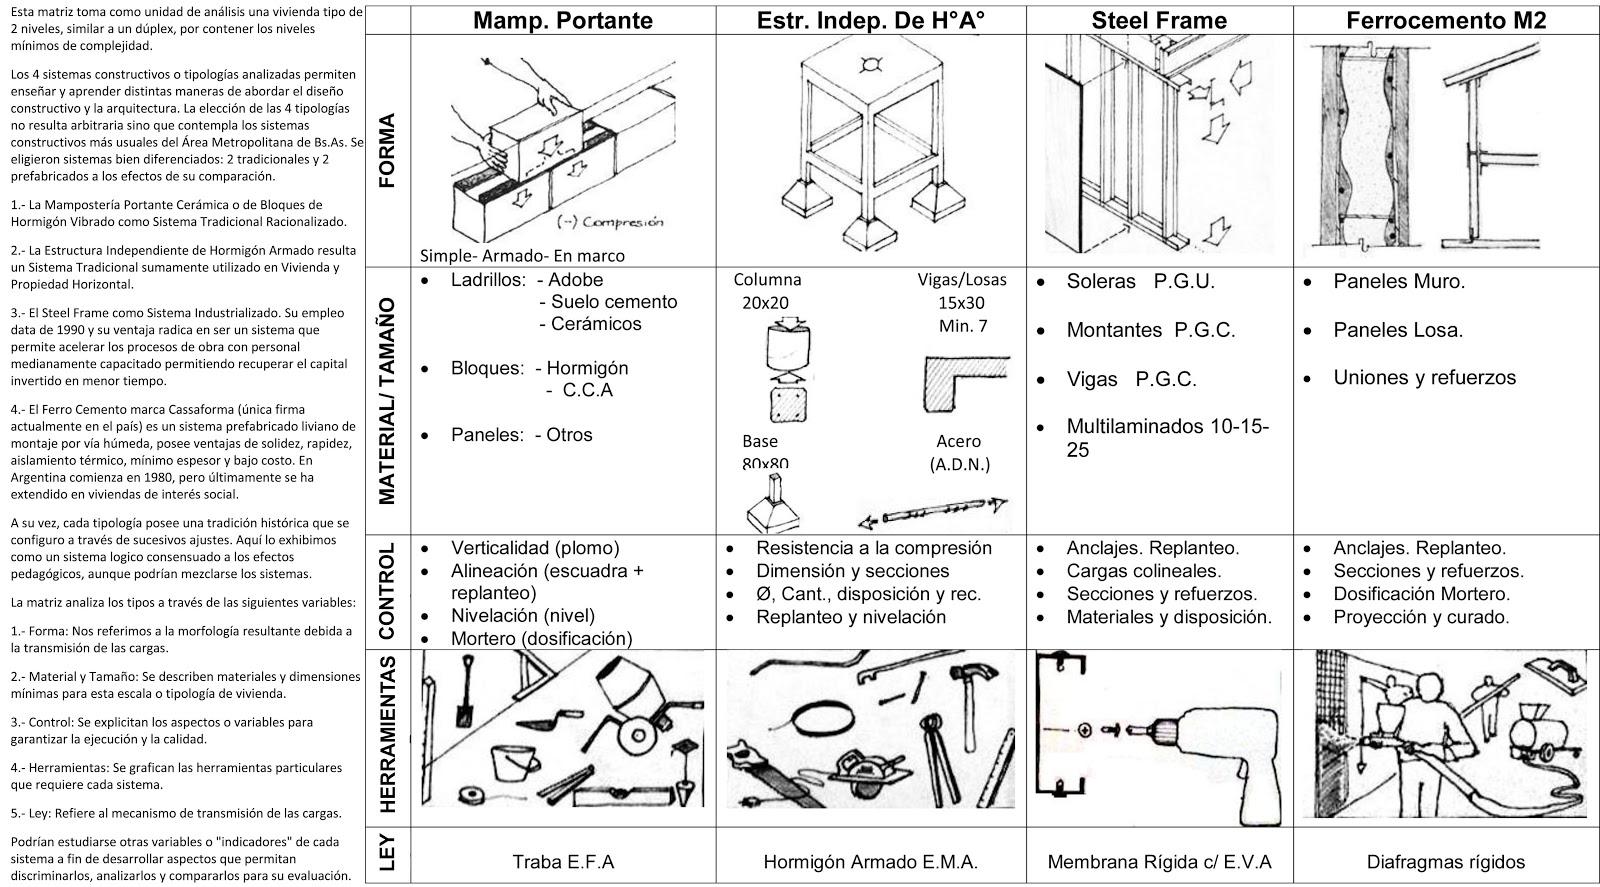 Manual Practico Para La Construccion Jaime Nisnovich Pdf To Jpg